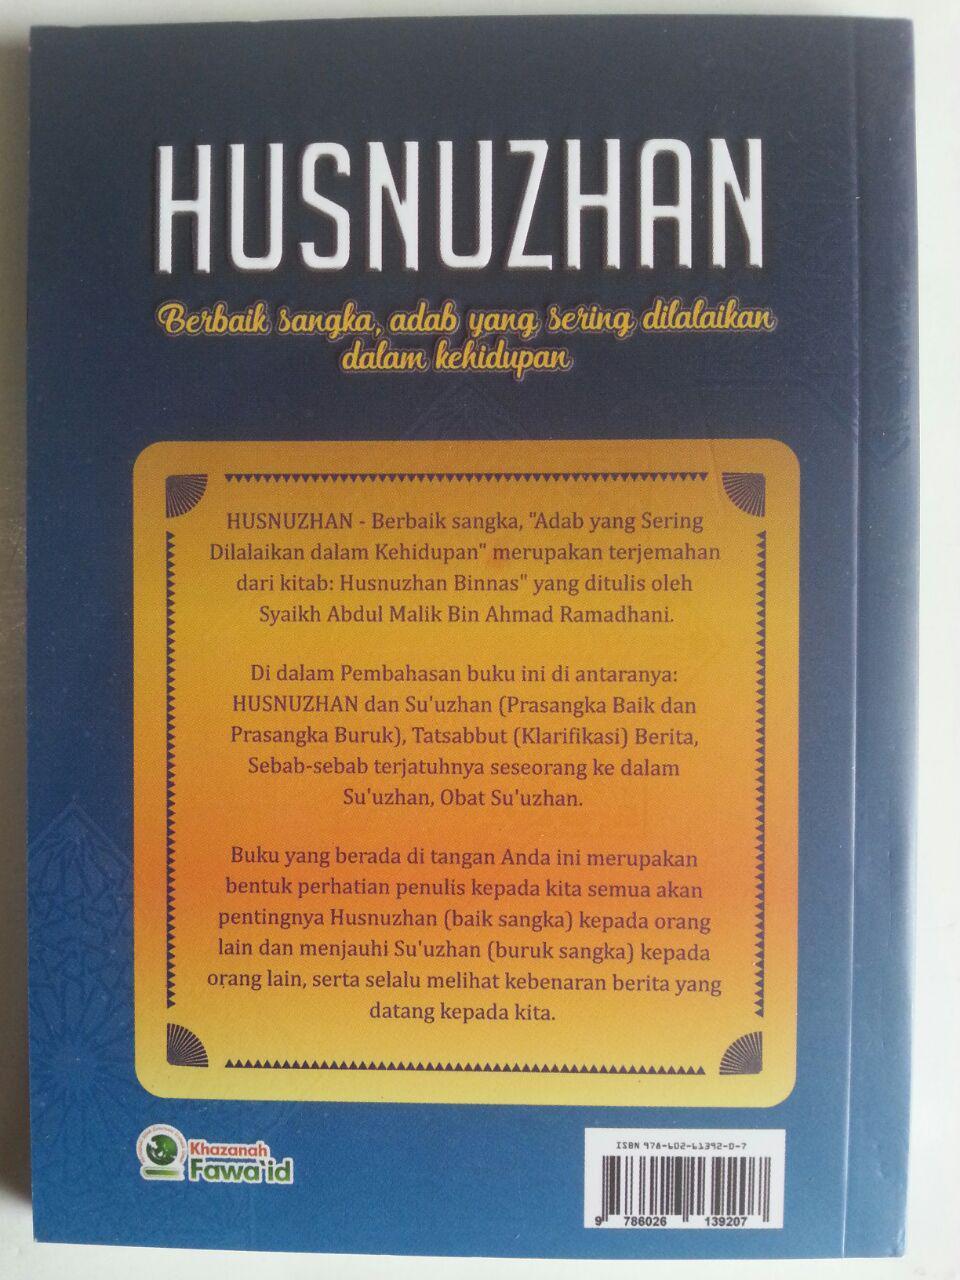 Buku Husnuzhan Berbaik Sangka Adab Yang Sering Dilalaikan cover